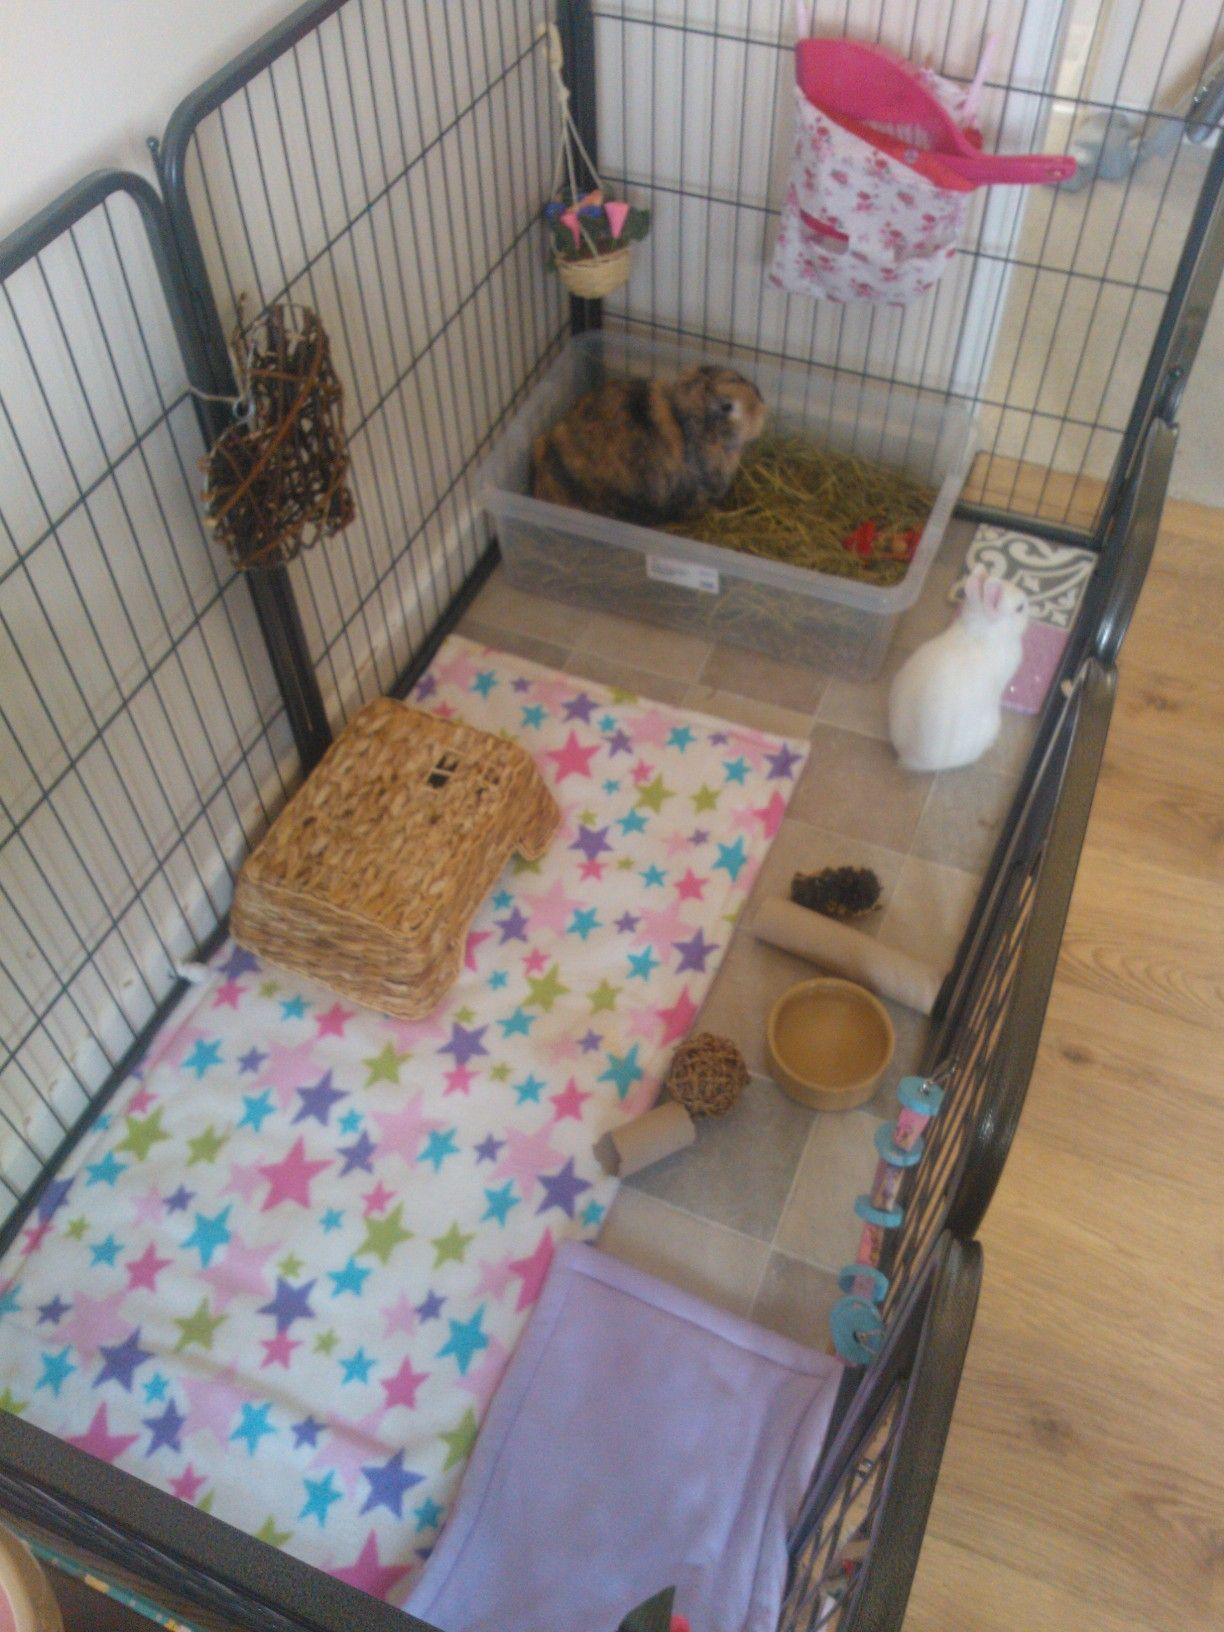 Neji Luna S Cage Indoor Rabbit Set Up